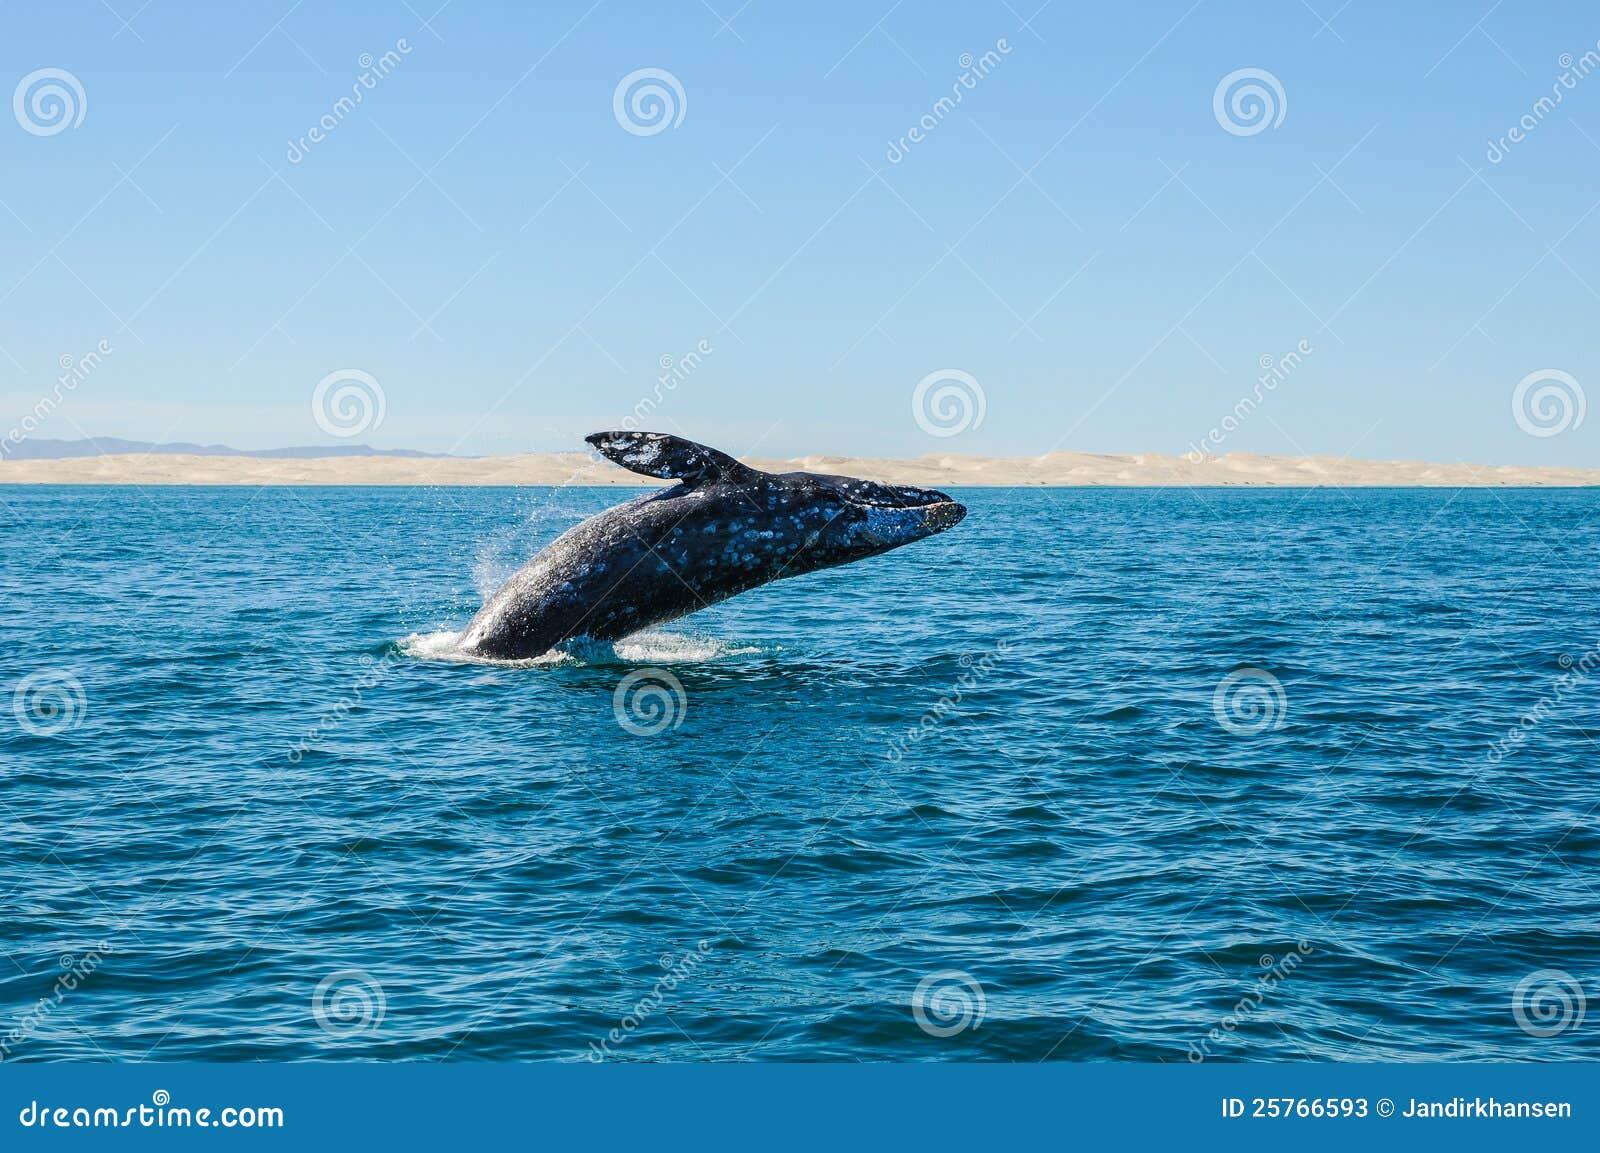 破坏灰鲸科(灰鲸科robustus)